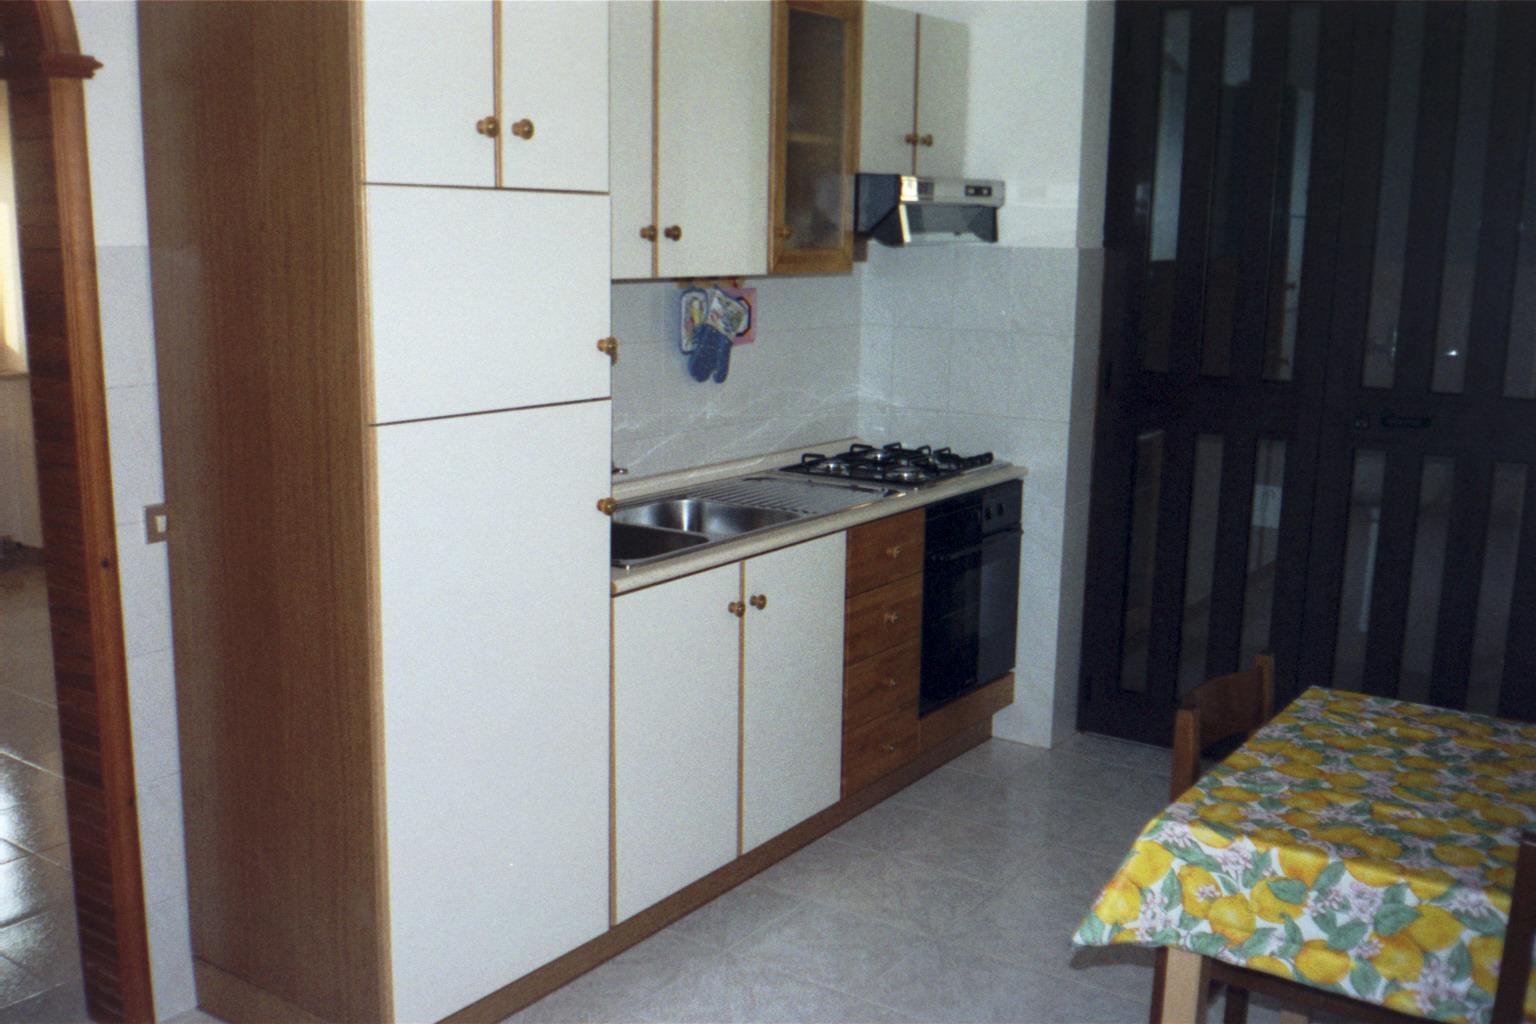 Vendesi abitazione, casa di vacanze - House for sale - Wohnungen ...